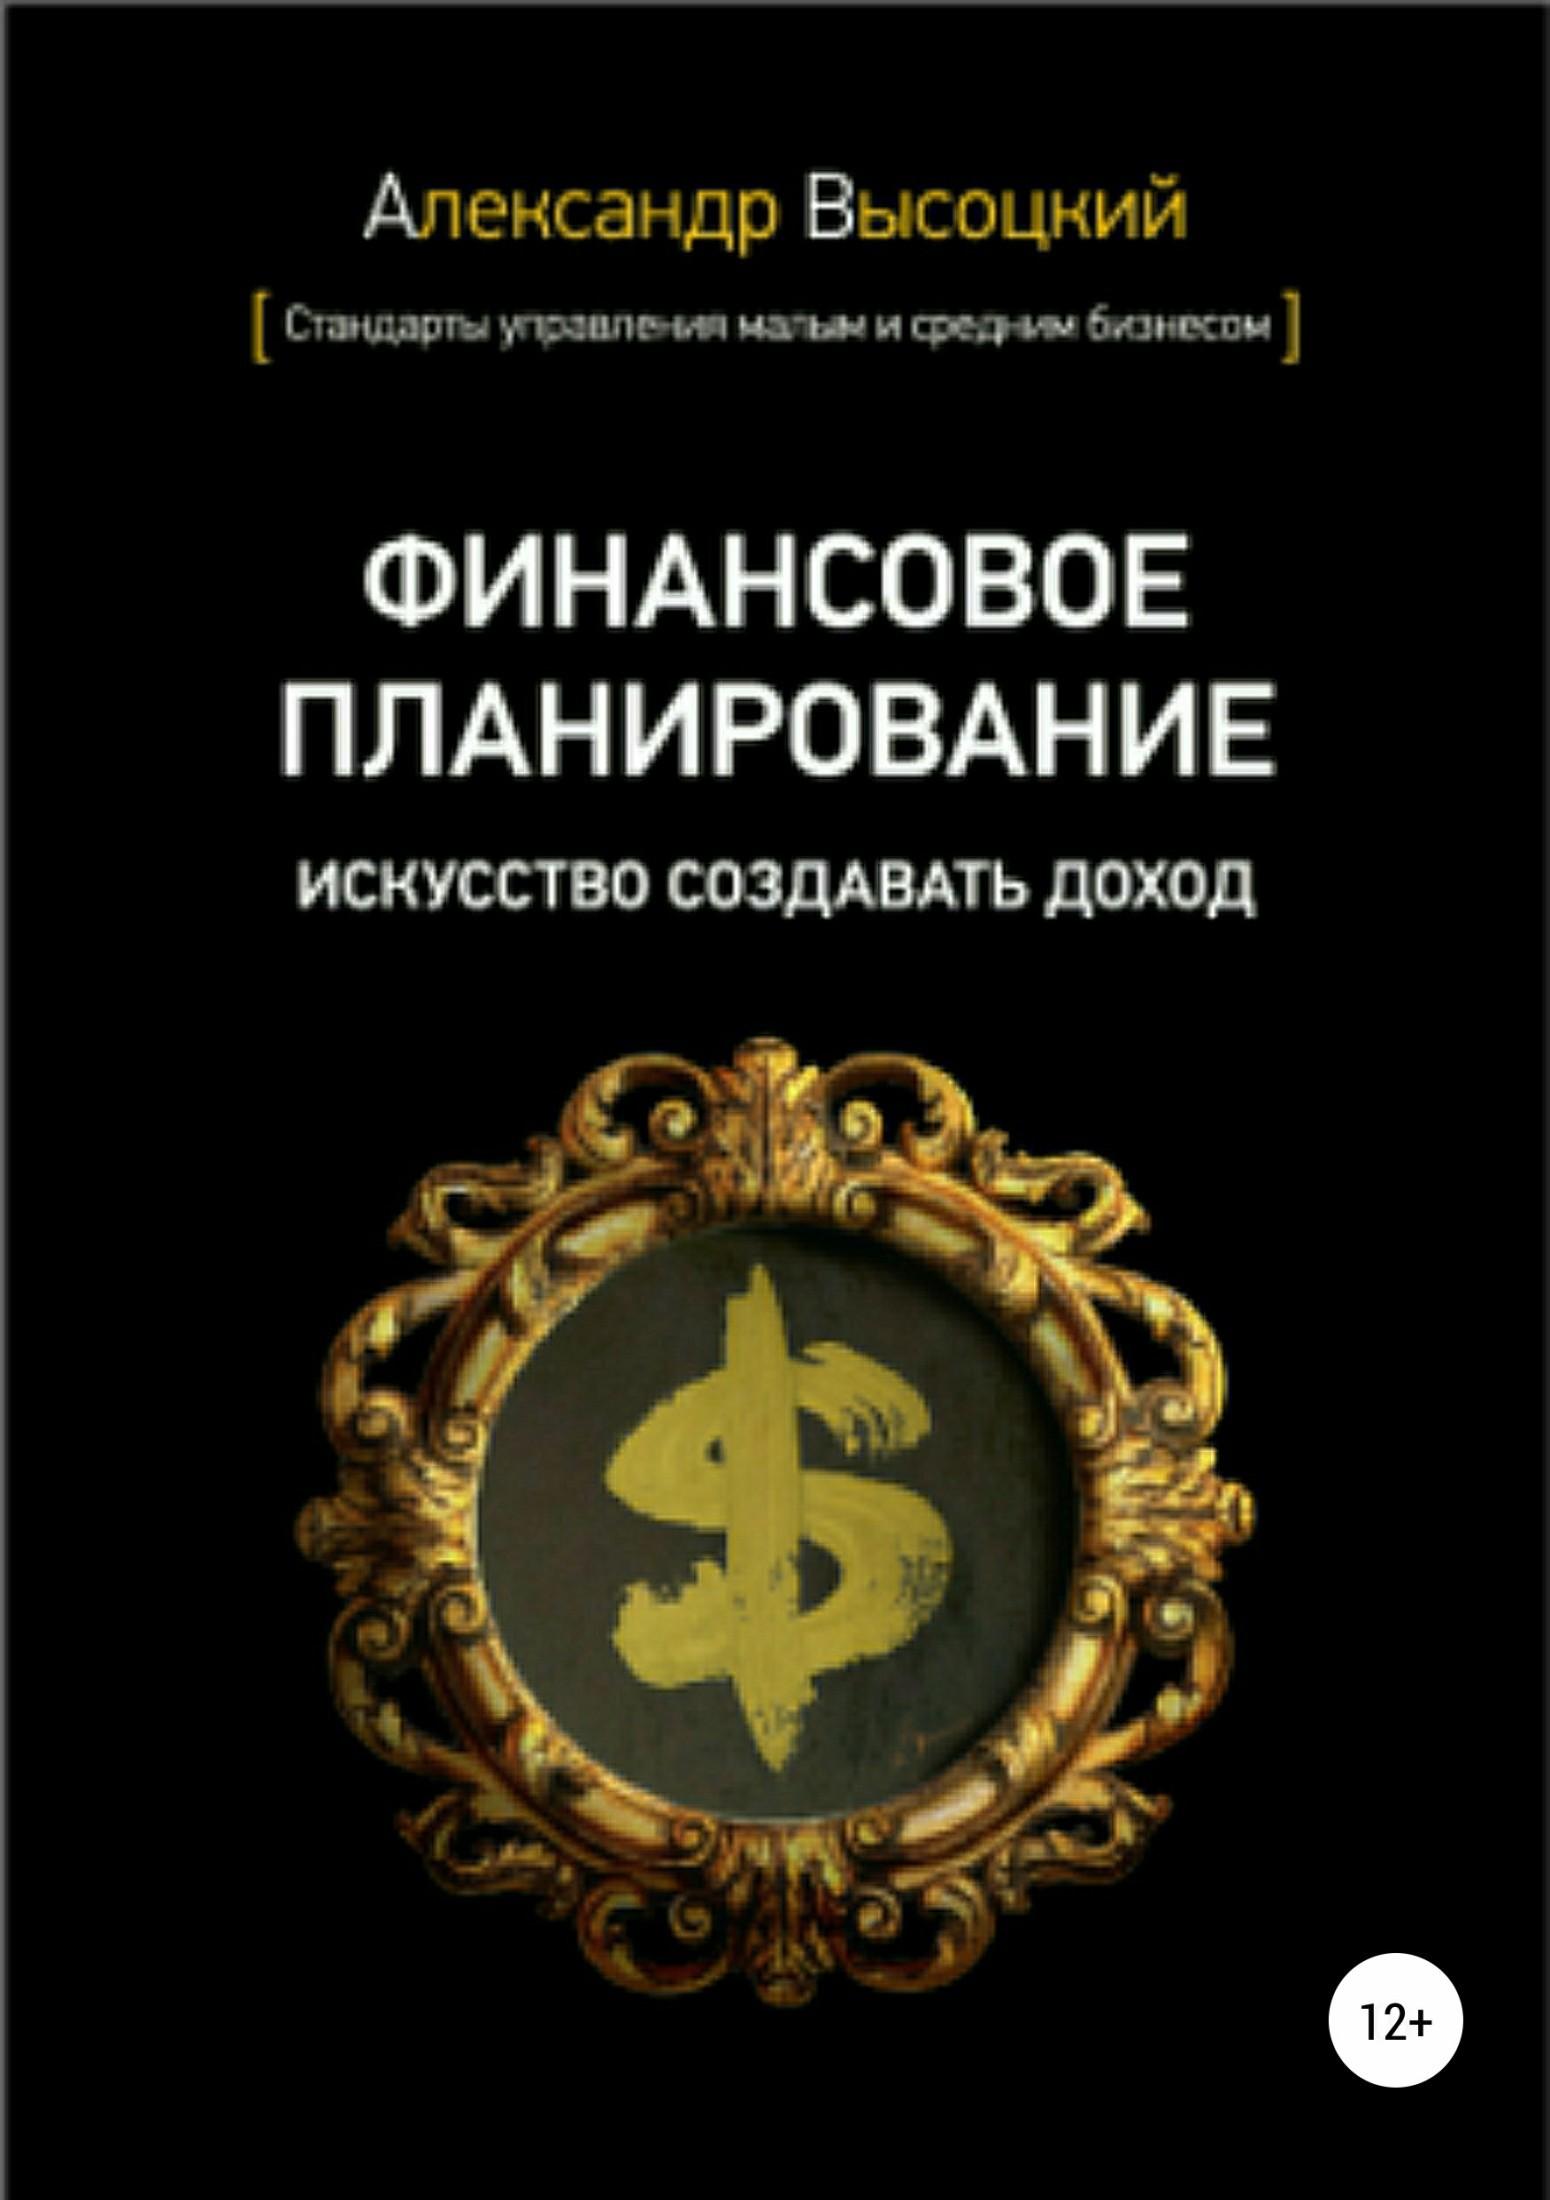 Обложка книги Финансовое планирование. Искусство создавать доход